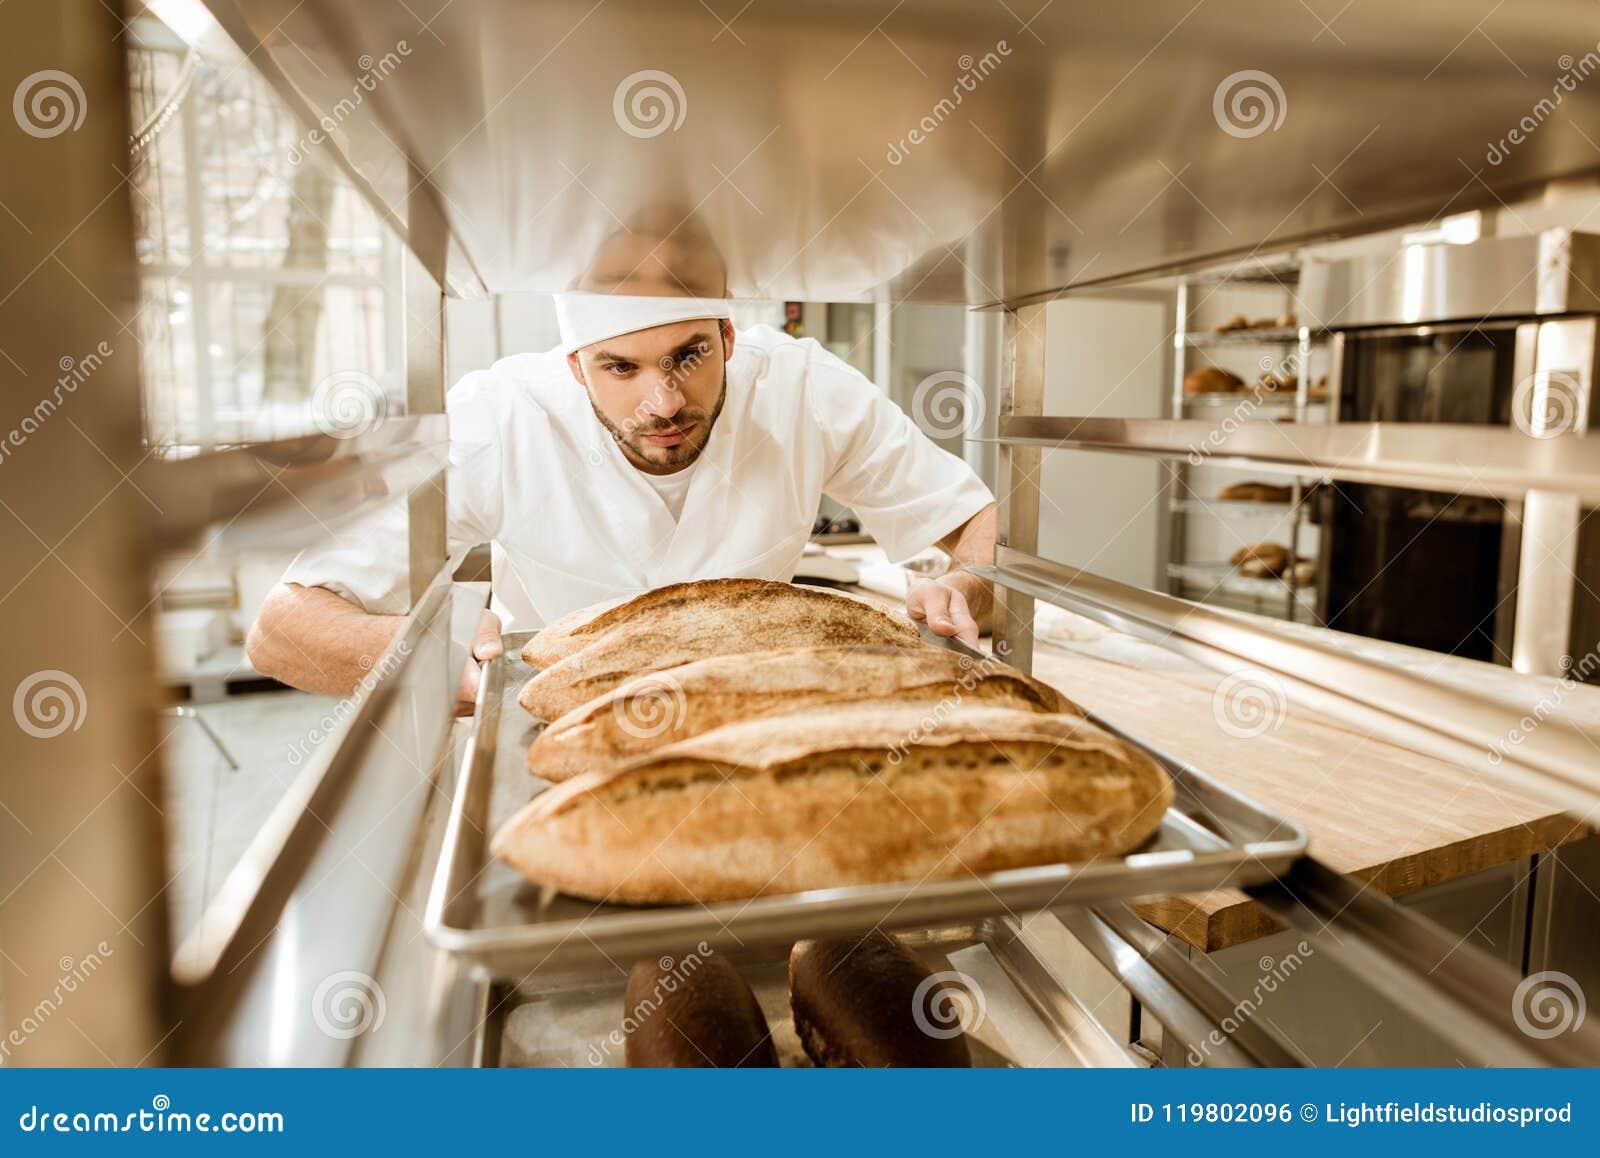 Panadero profesional que pone las bandejas de pan fresco en soporte